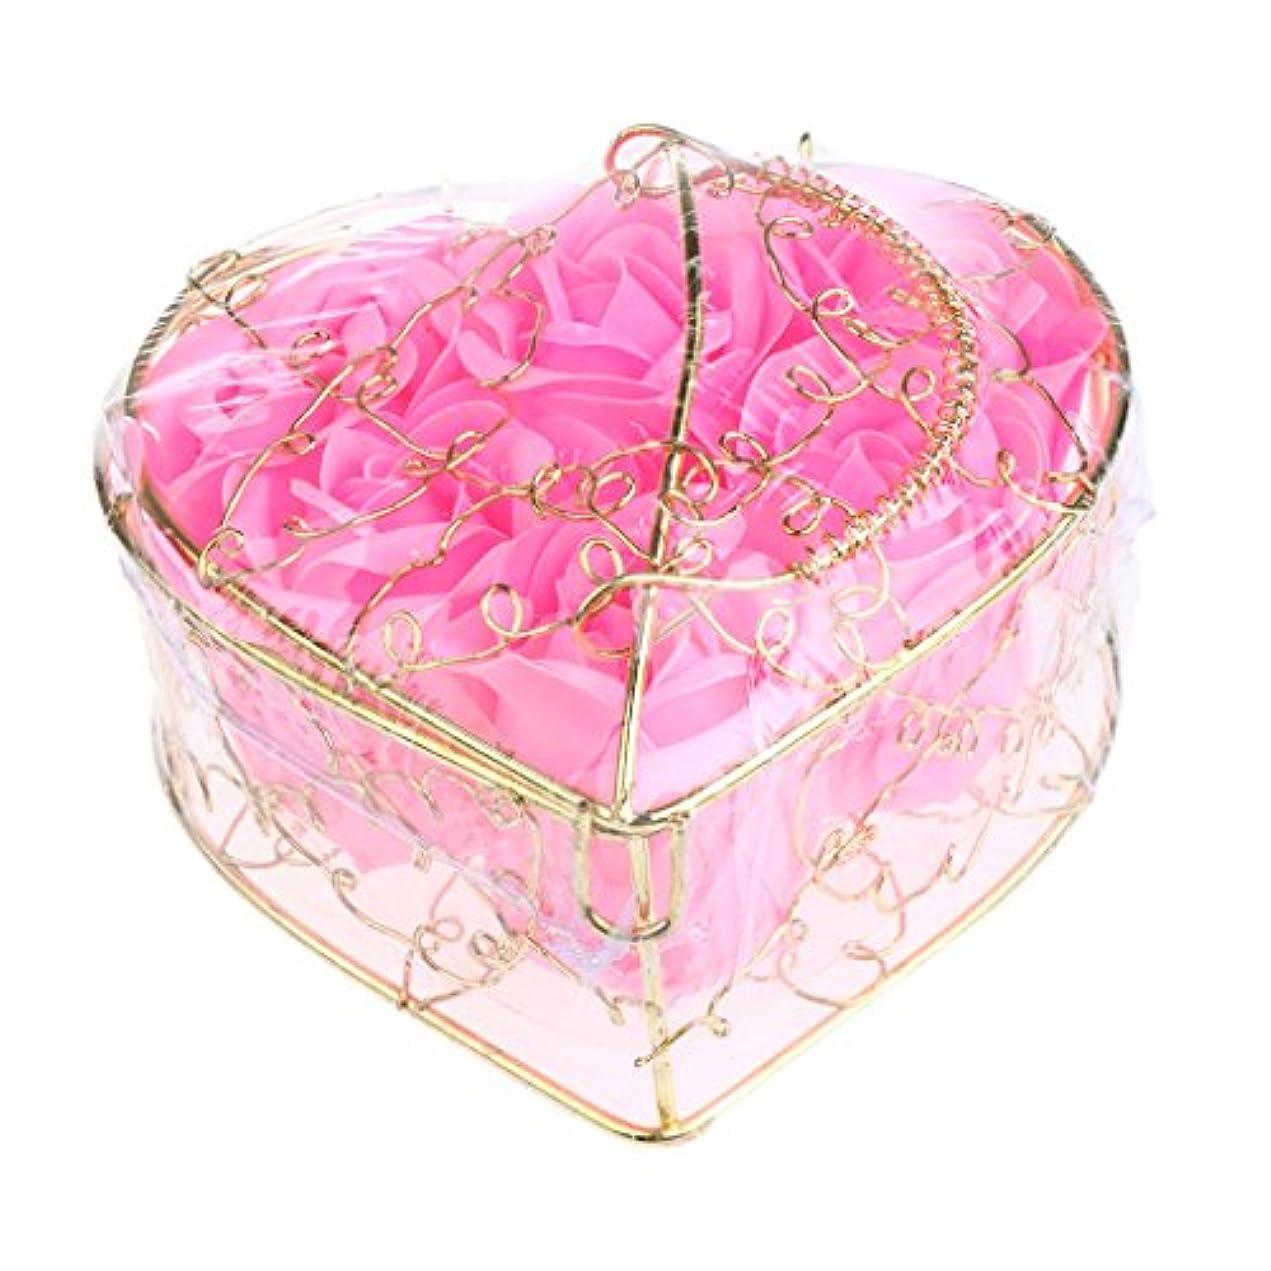 メナジェリー北東物理的な6個 ソープフラワー 石鹸の花 バラ 薔薇の花 ロマンチック 心の形 ギフトボックス 誕生日 プレゼント 全5仕様選べる - ピンク